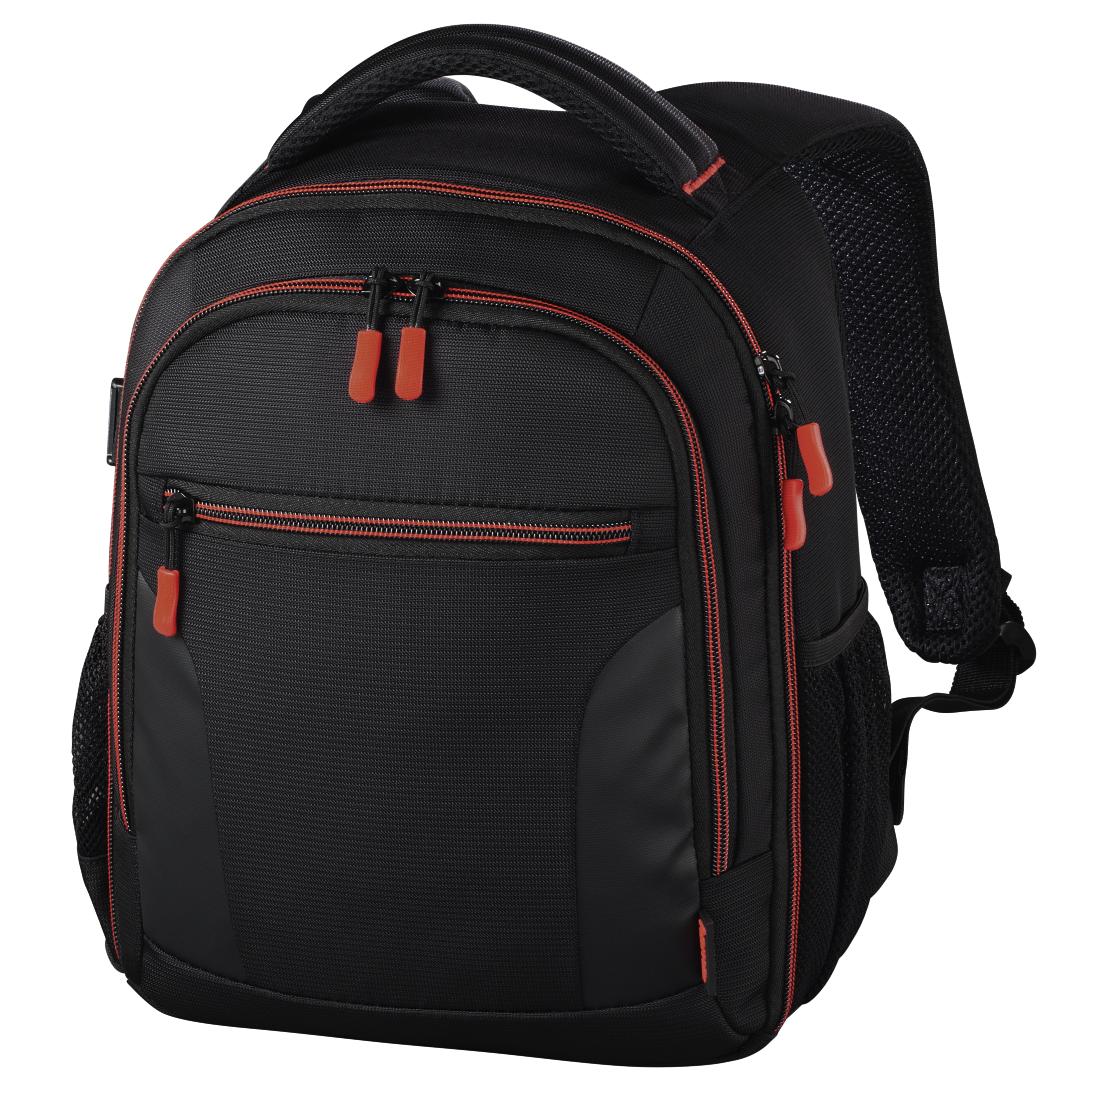 hama nv 139856 hama sac dos de cam ra appareil photo miami 150 noir rouge. Black Bedroom Furniture Sets. Home Design Ideas